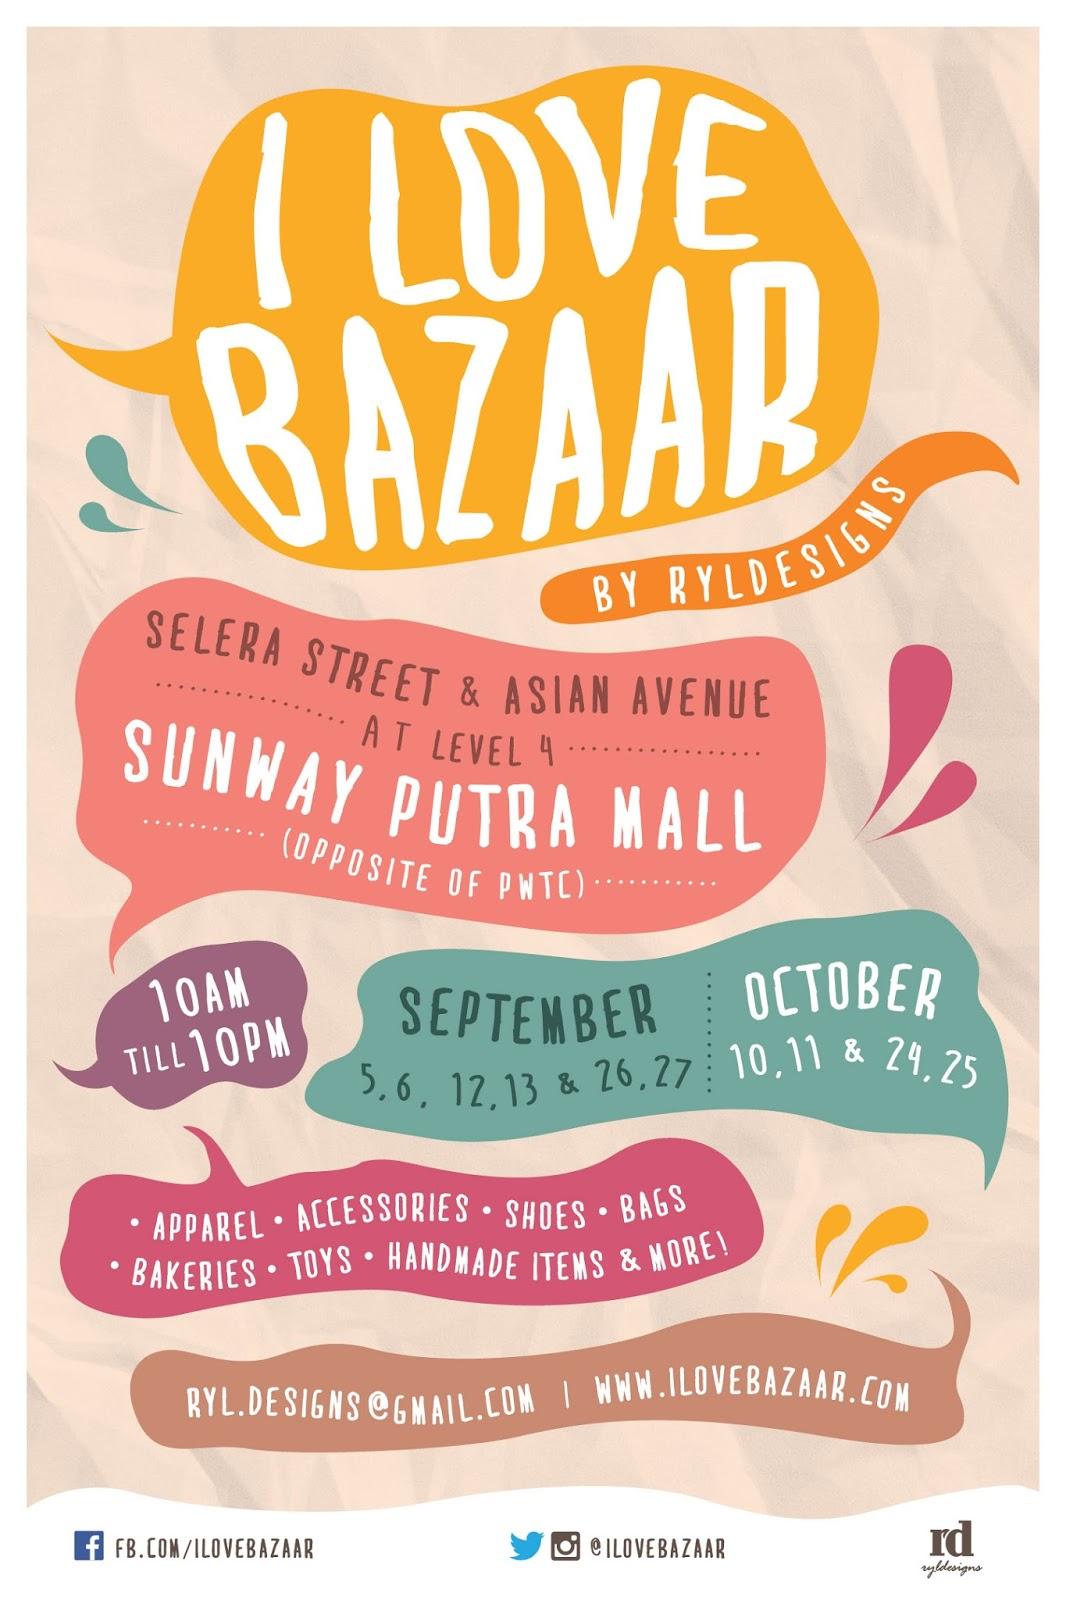 I Love Bazaar: I ♥ Bazaar @ Sunway Putra Mall